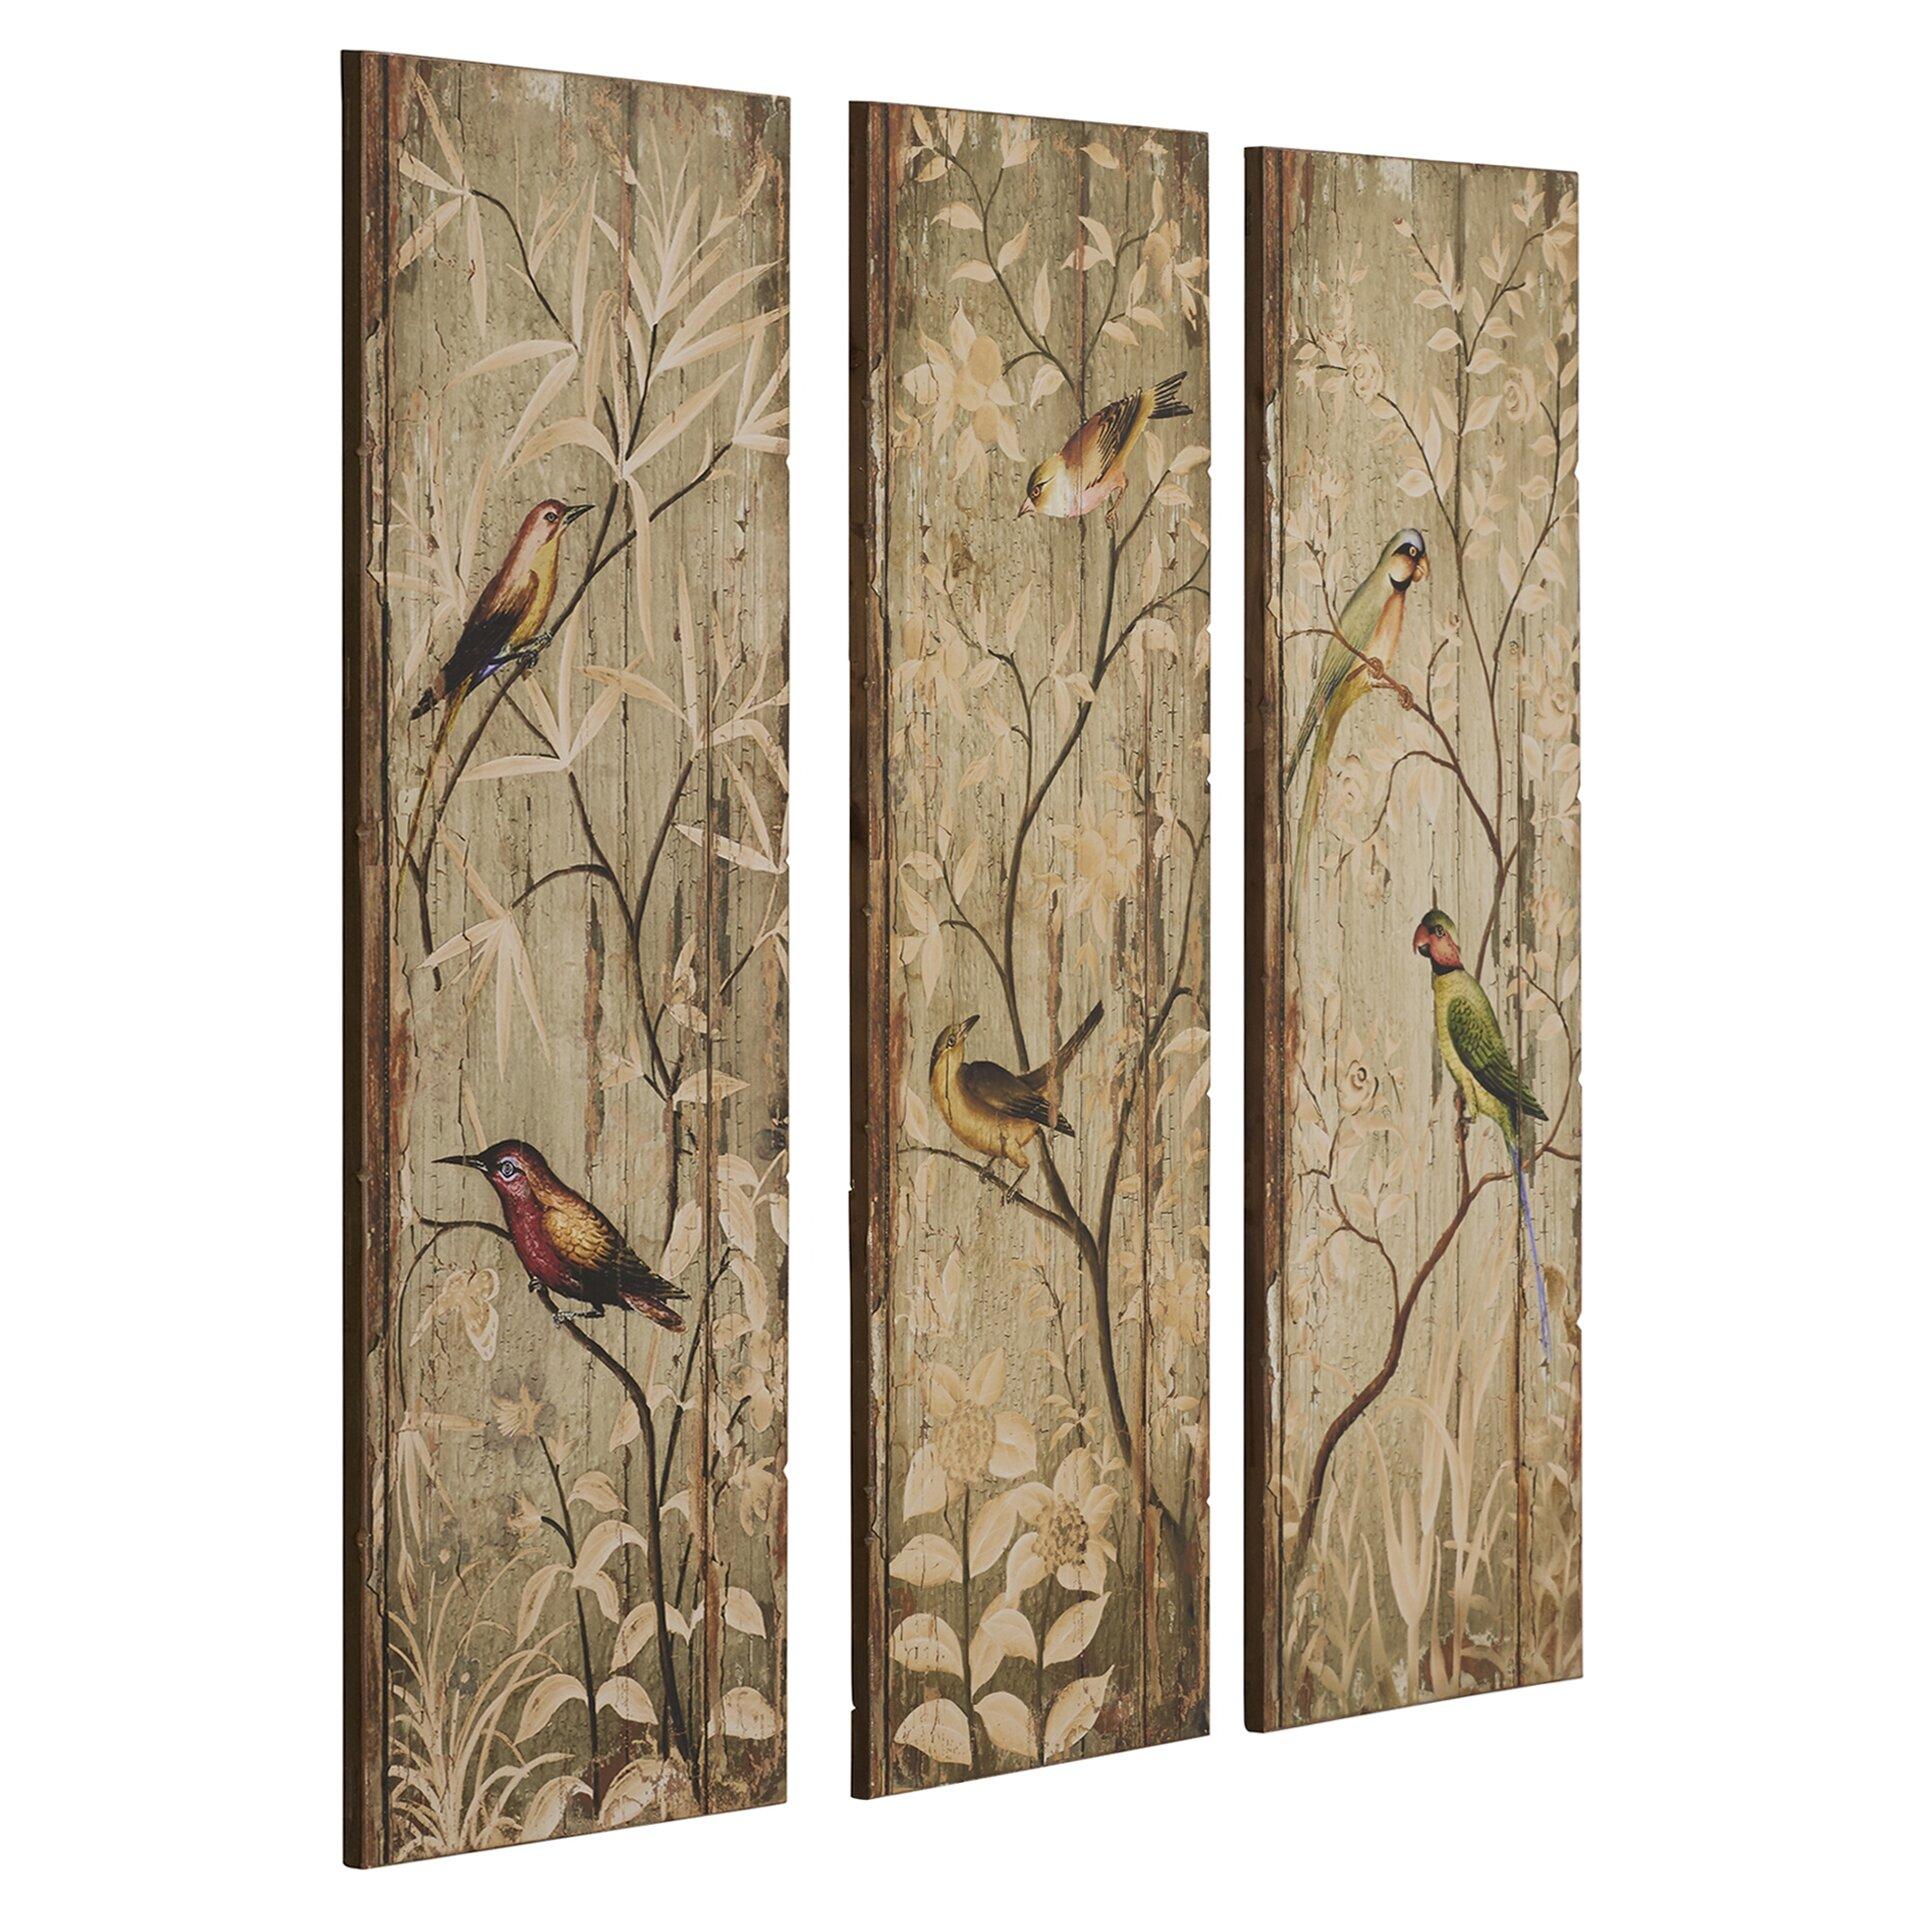 perched birds wall decor - Bird Wall Decor